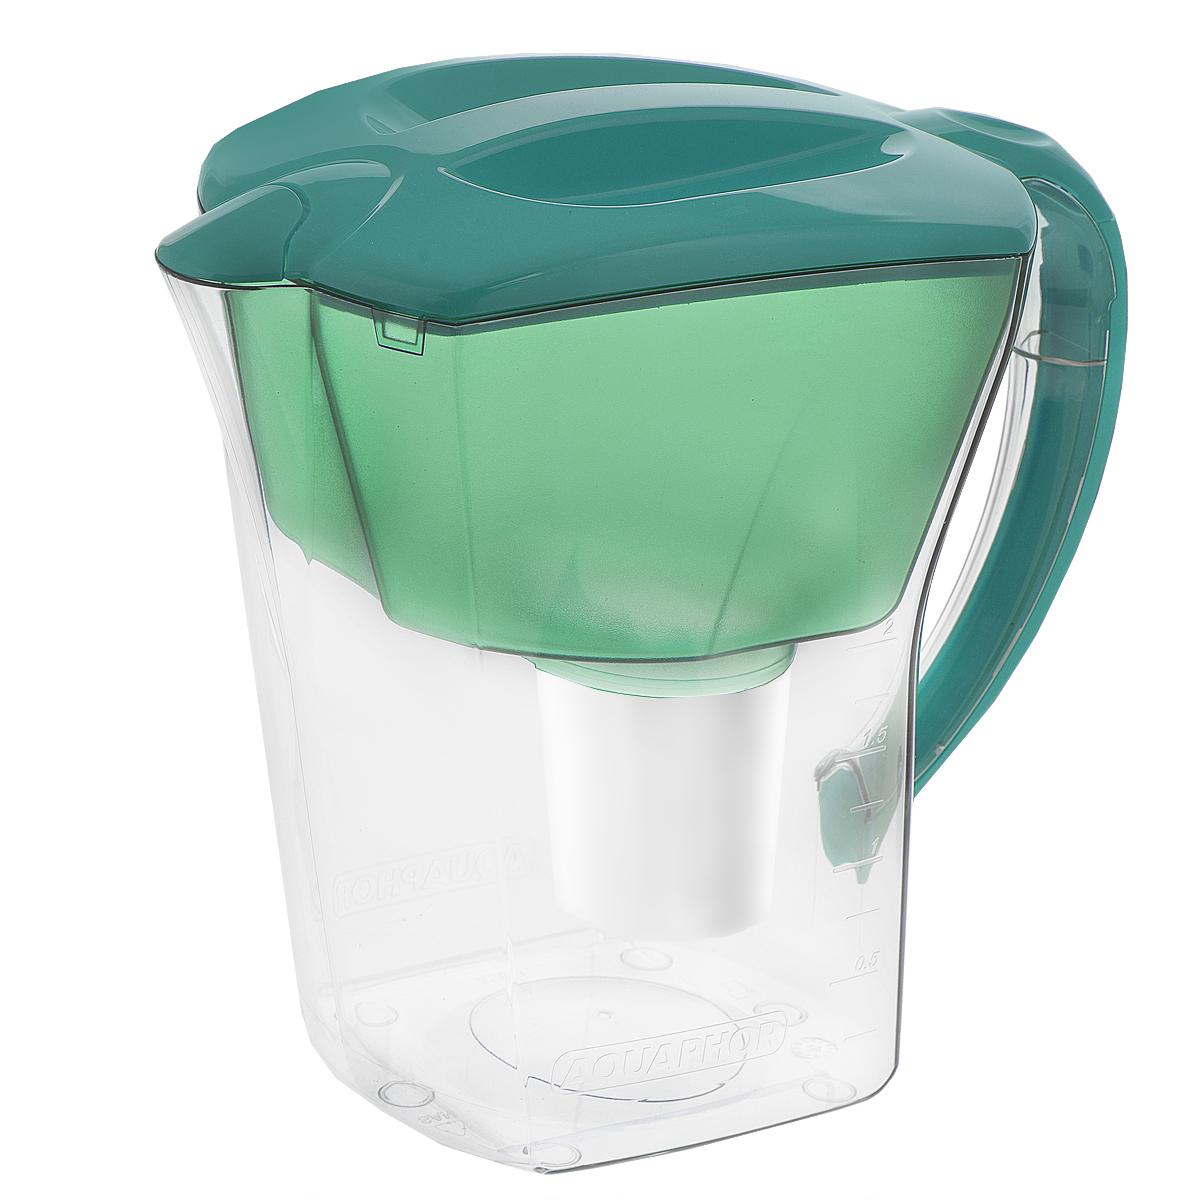 Фильтр-кувшин для воды Аквафор Премиум, цвет: бирюзовый, со сменным фильтром, 3,8 лкувшин Аквафор Премиум (бирюза)